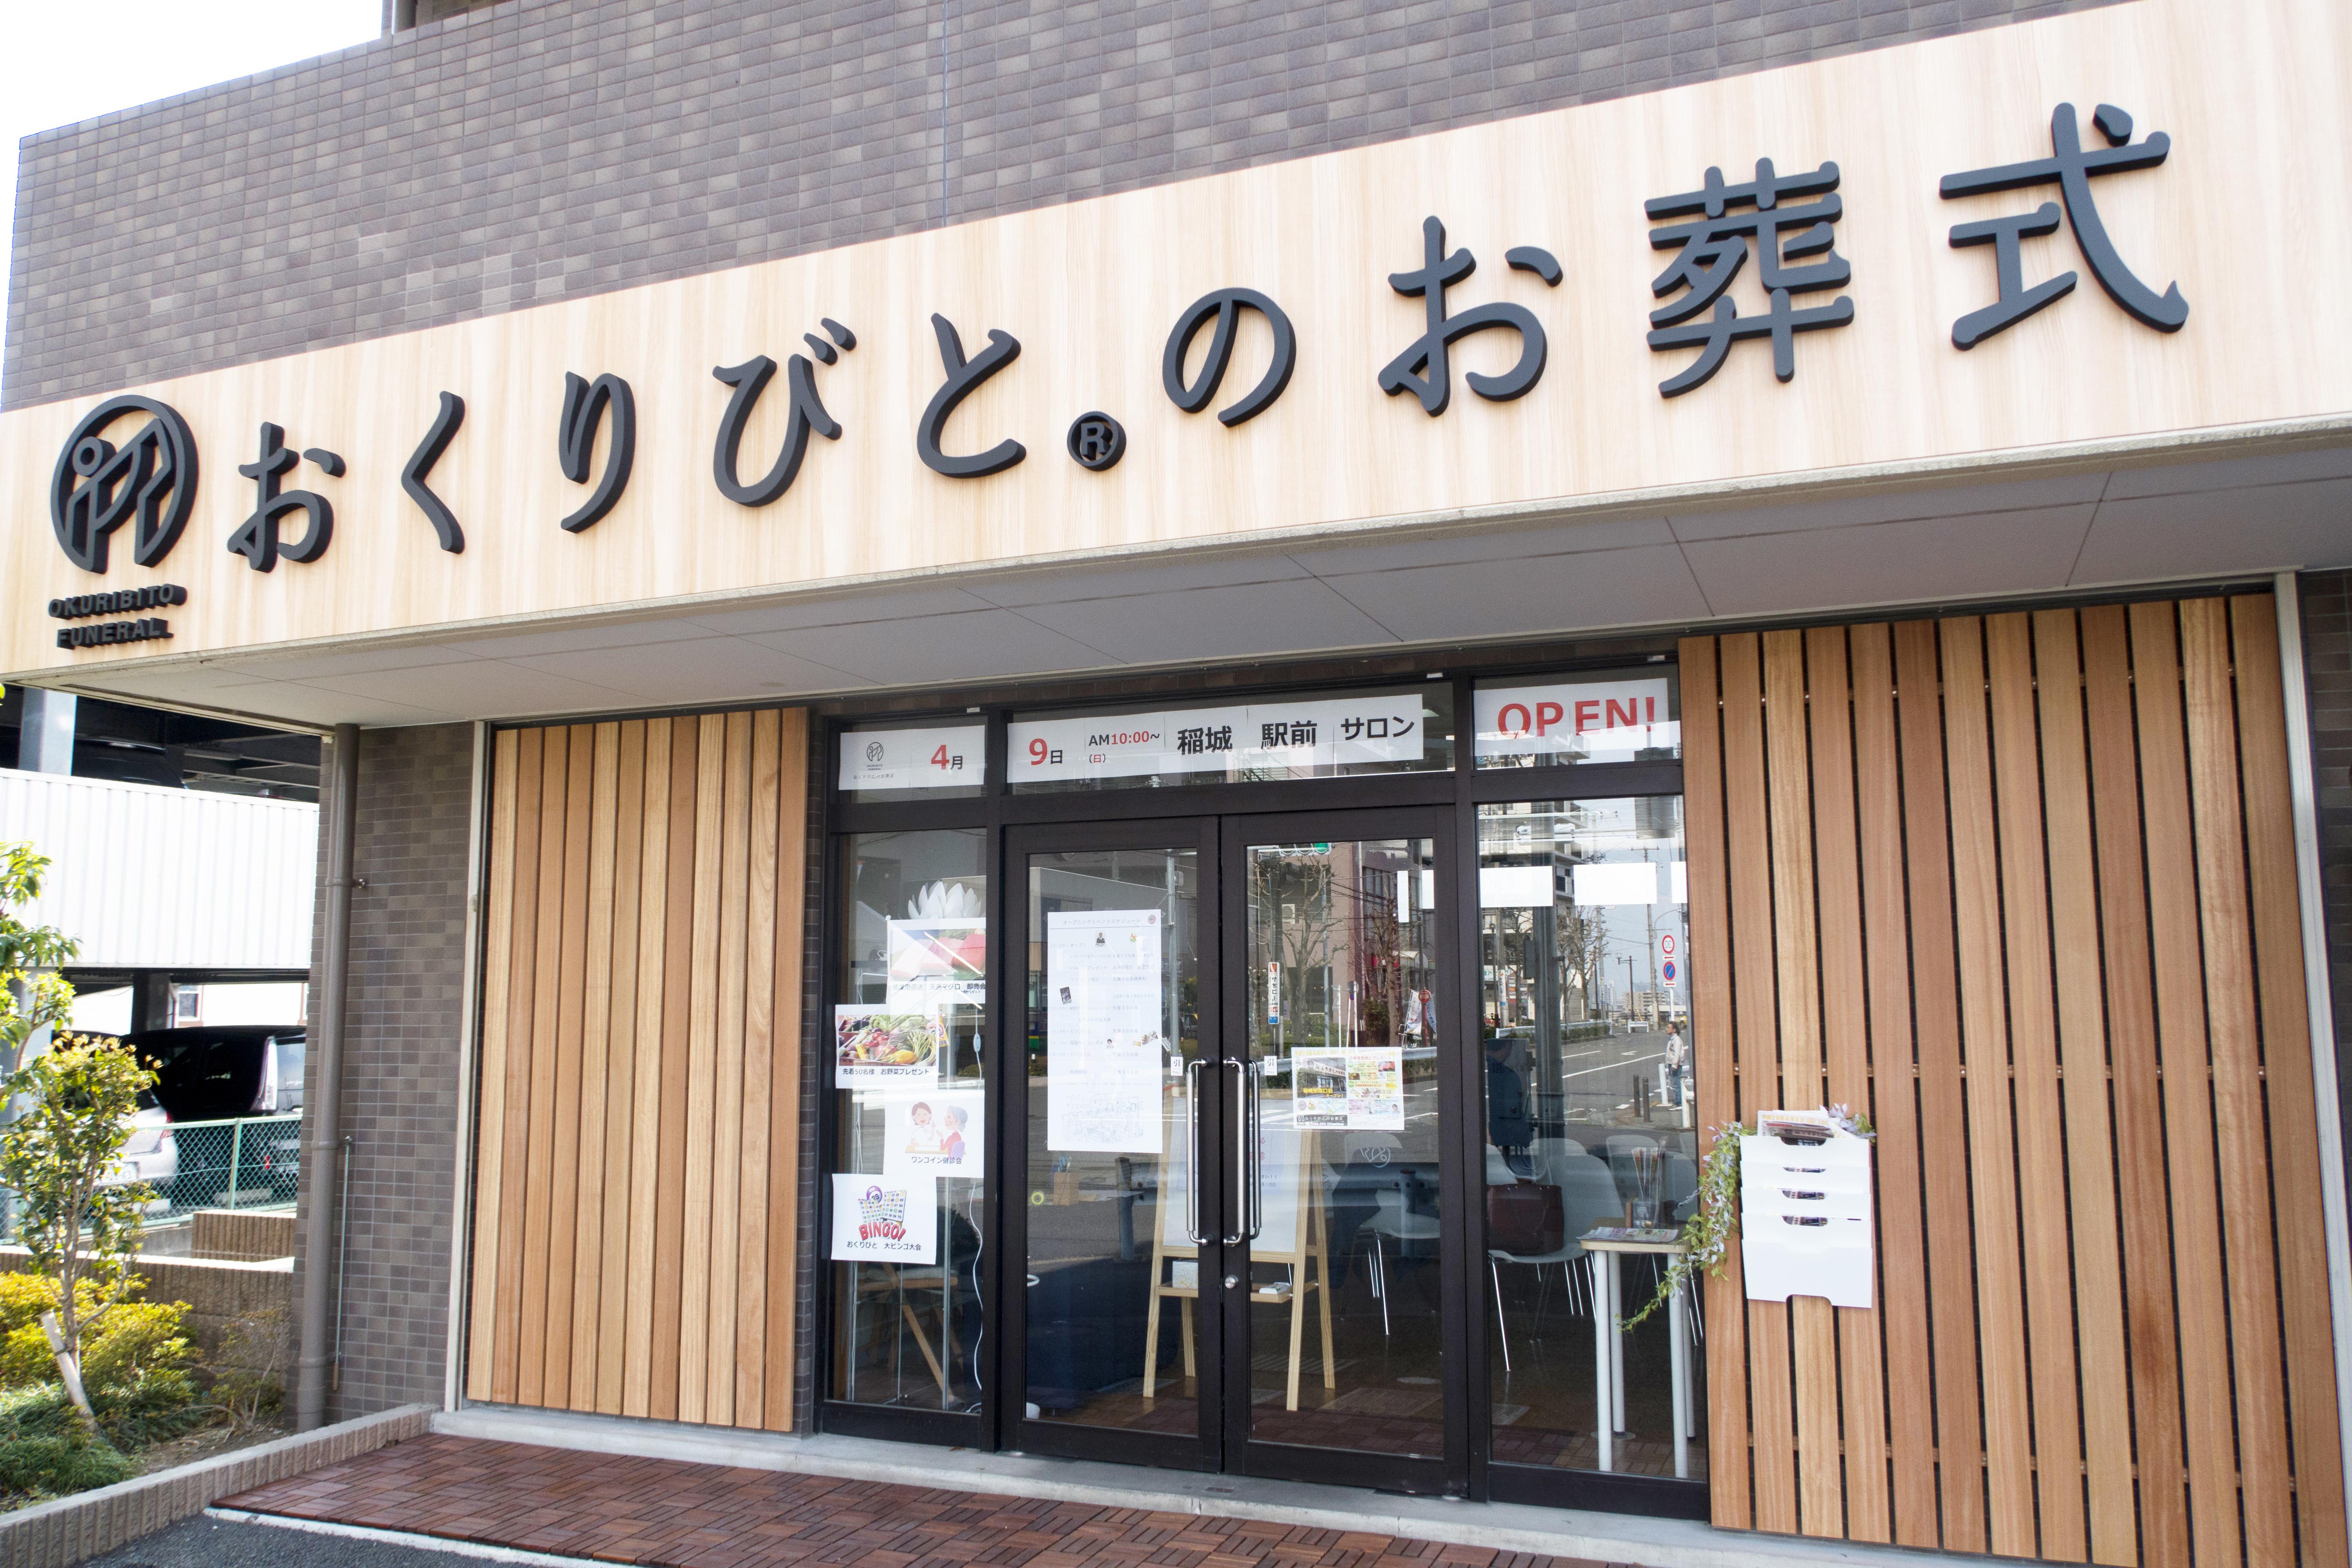 京王線稲城駅南口すぐという好立地